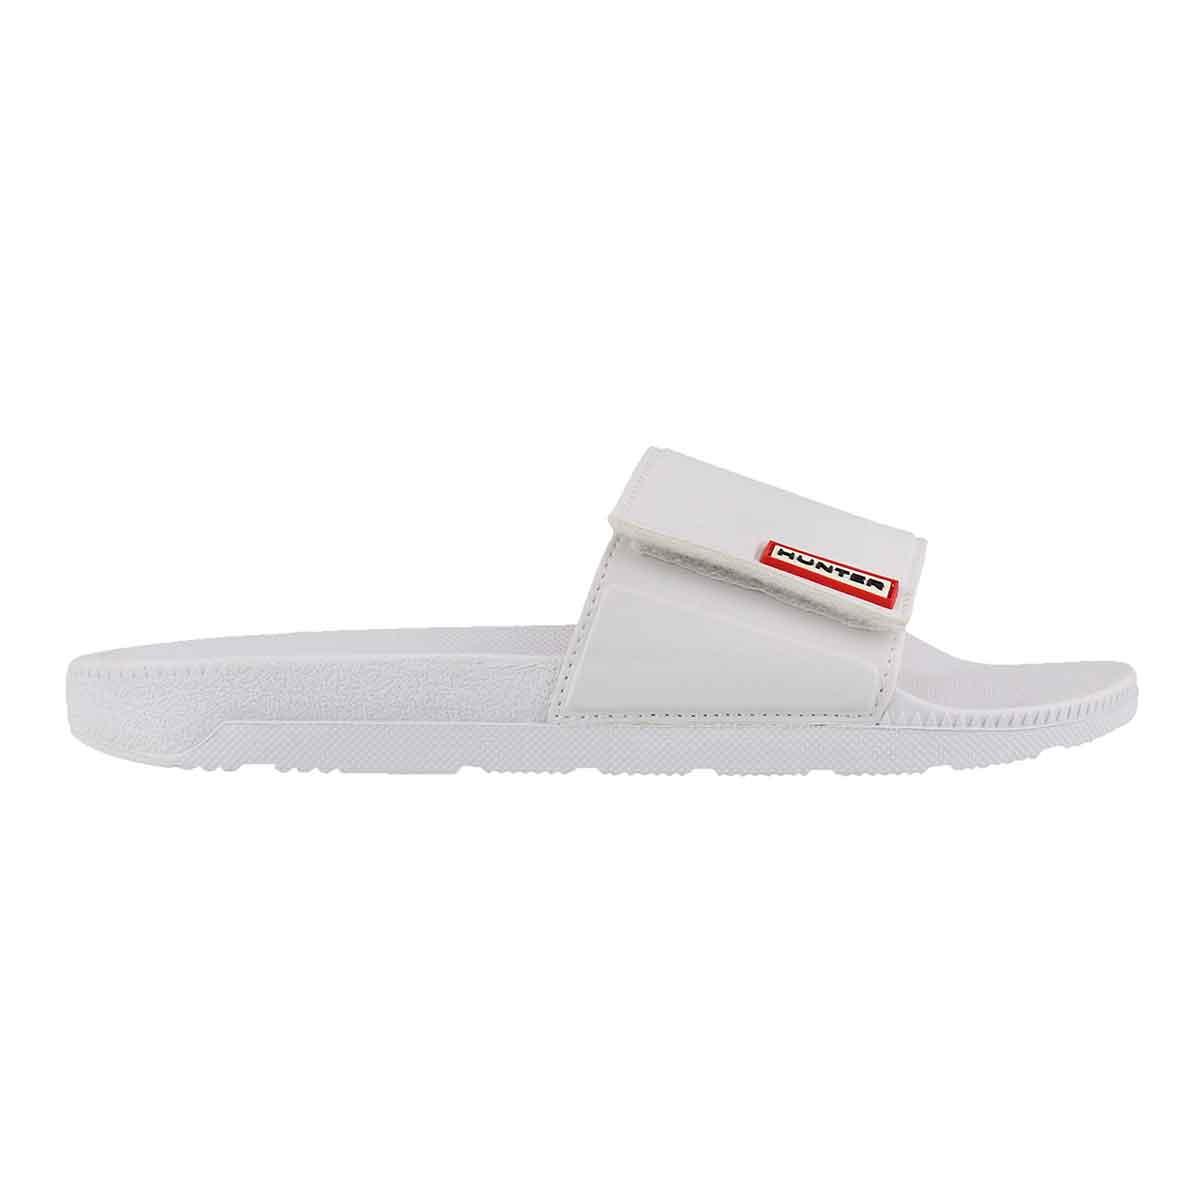 Lds Original Adj. Slide white sandal